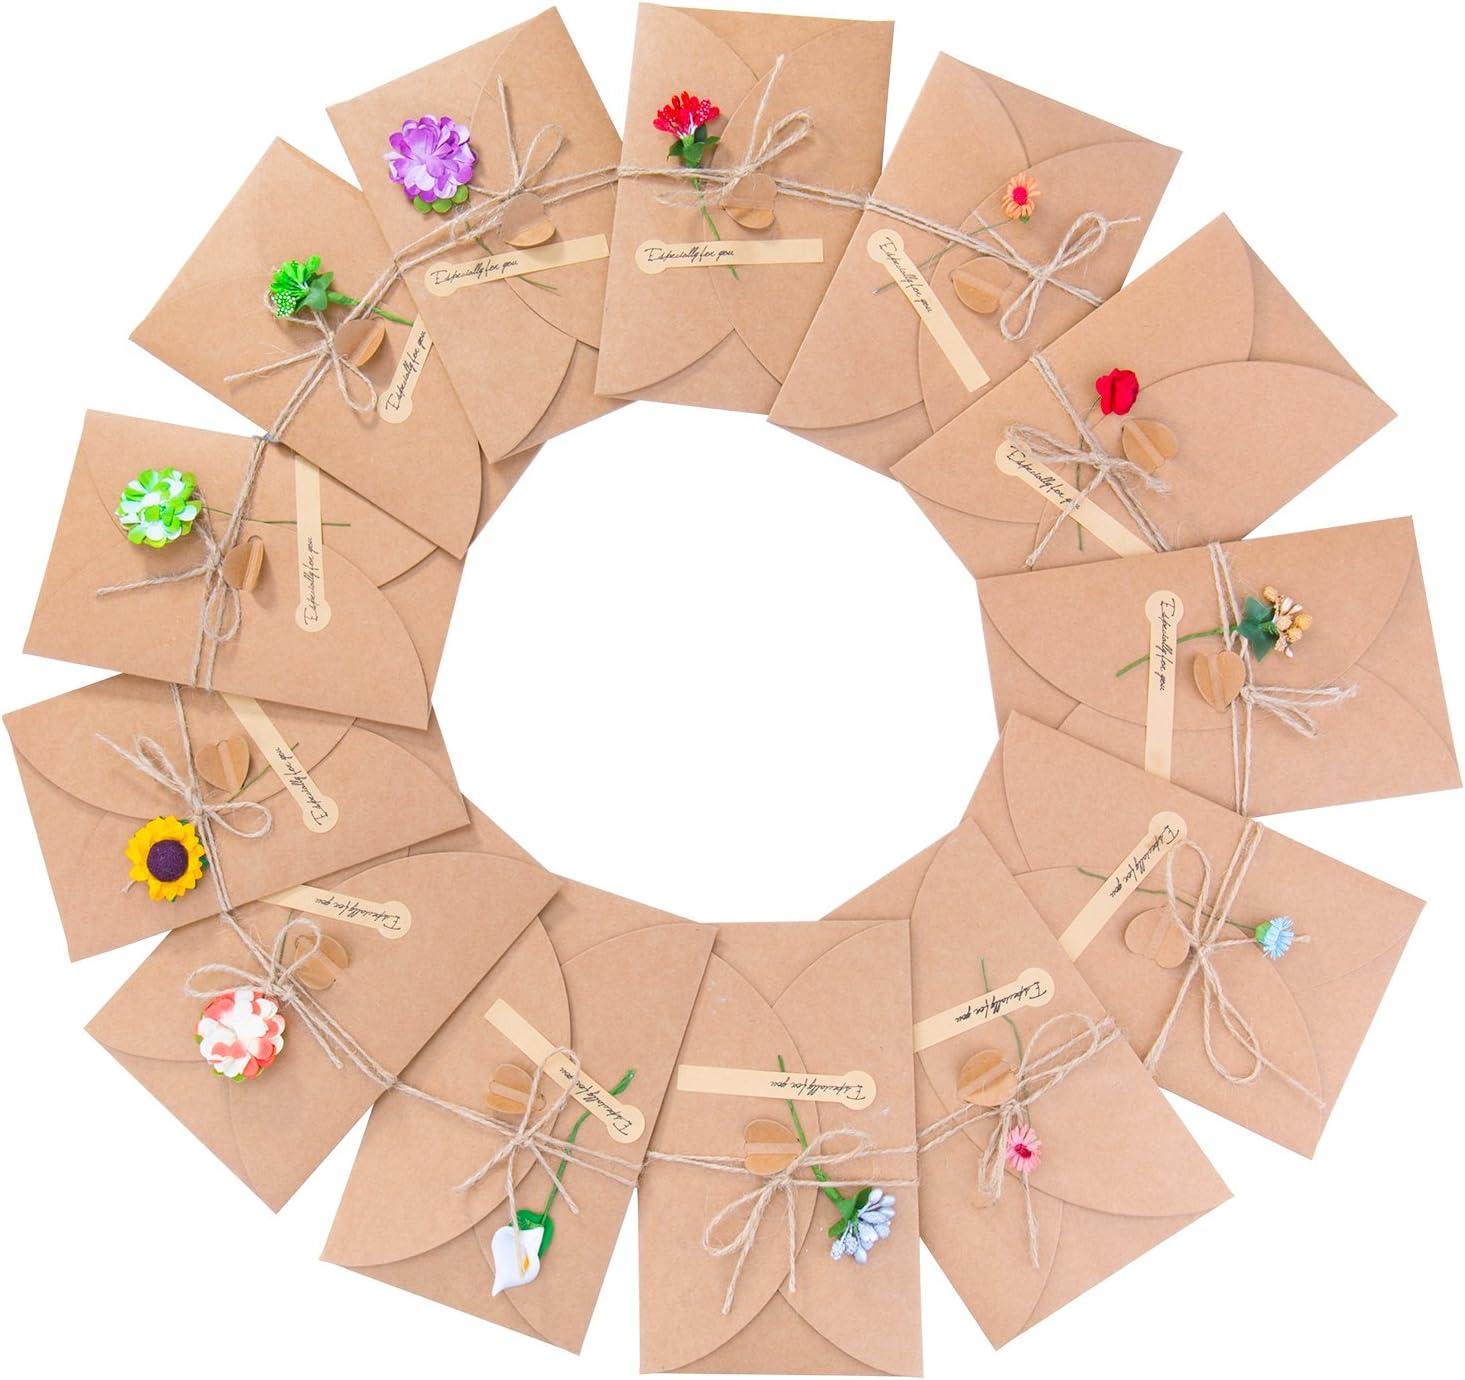 Tarjeta de Felicitación, Meersee 13pcs Tarjeta de Felicitación Papel Kraft con Sobres, Flores Secas, Tarjeta de Felicitación Pegatinas para Navidad Boda Regalo Cumpleaños Fiesta Año Nuevo